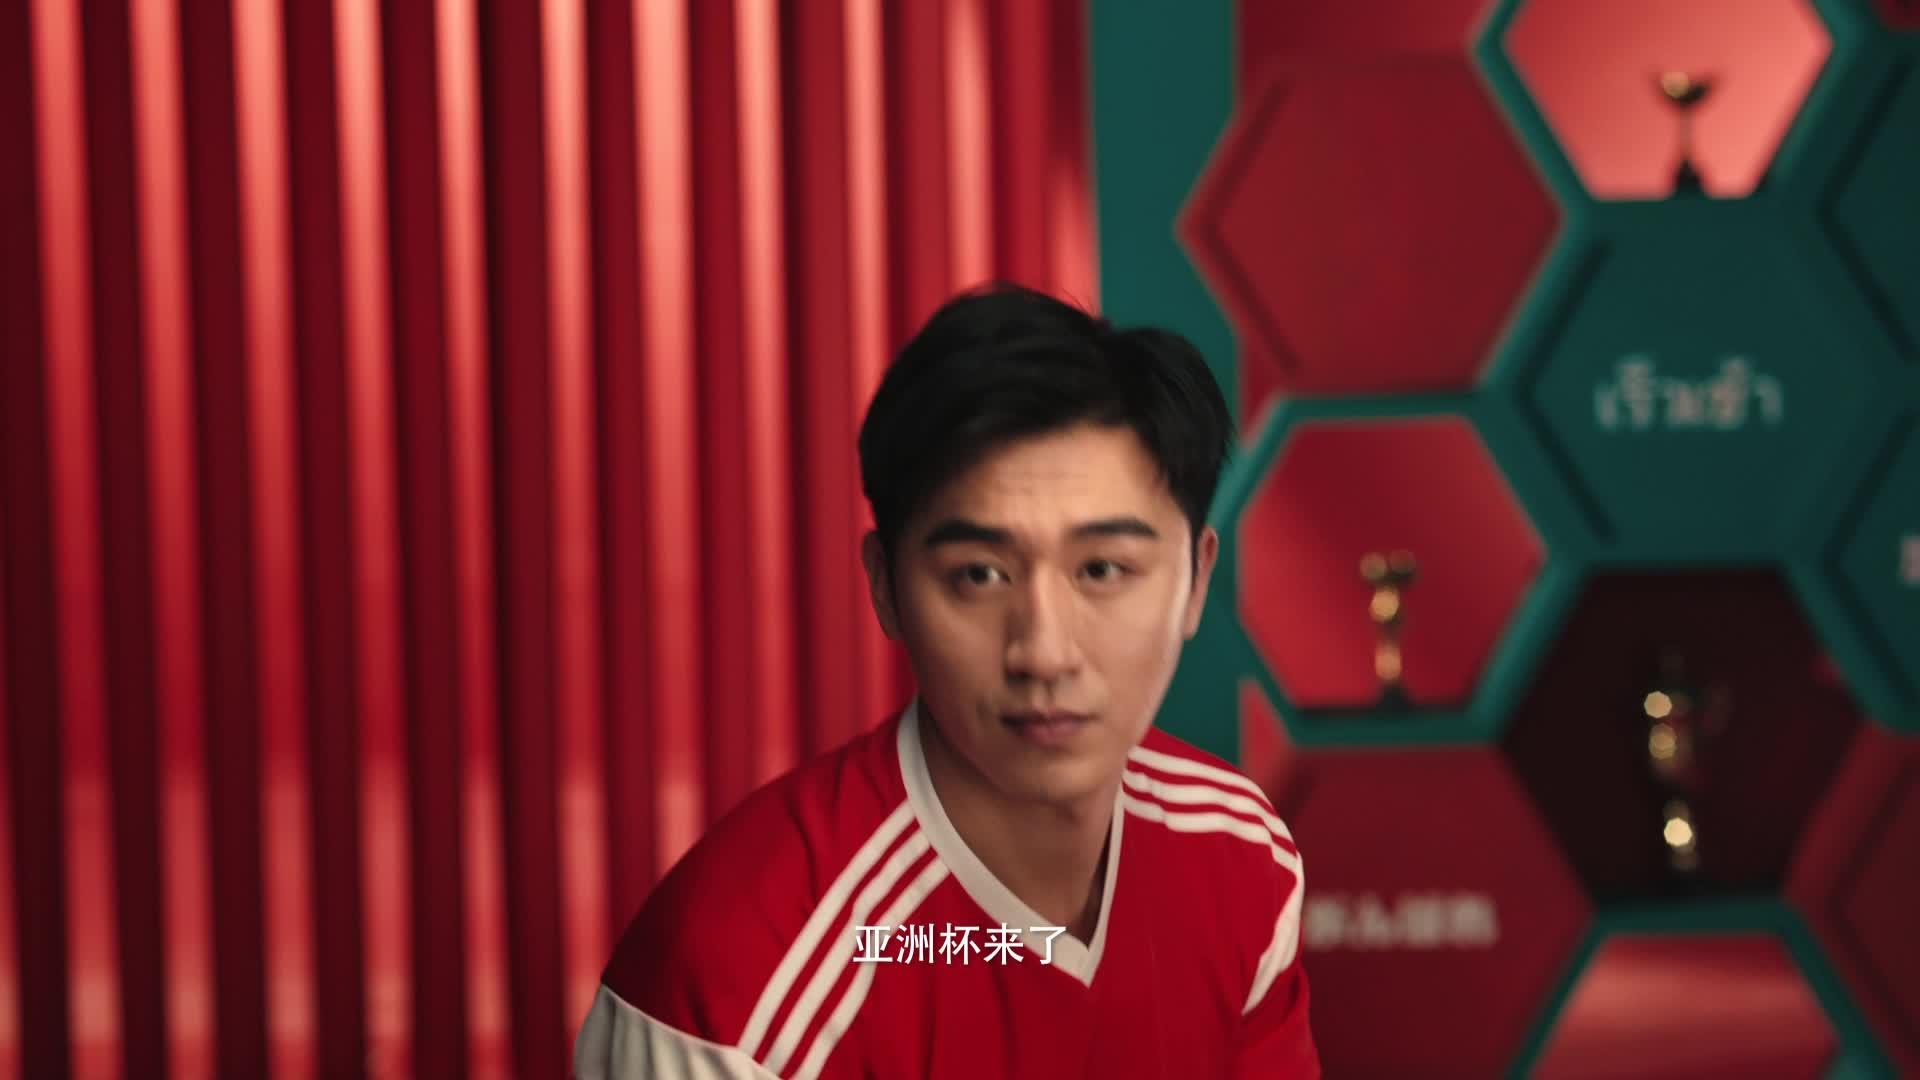 2019亚洲杯视频广告30秒